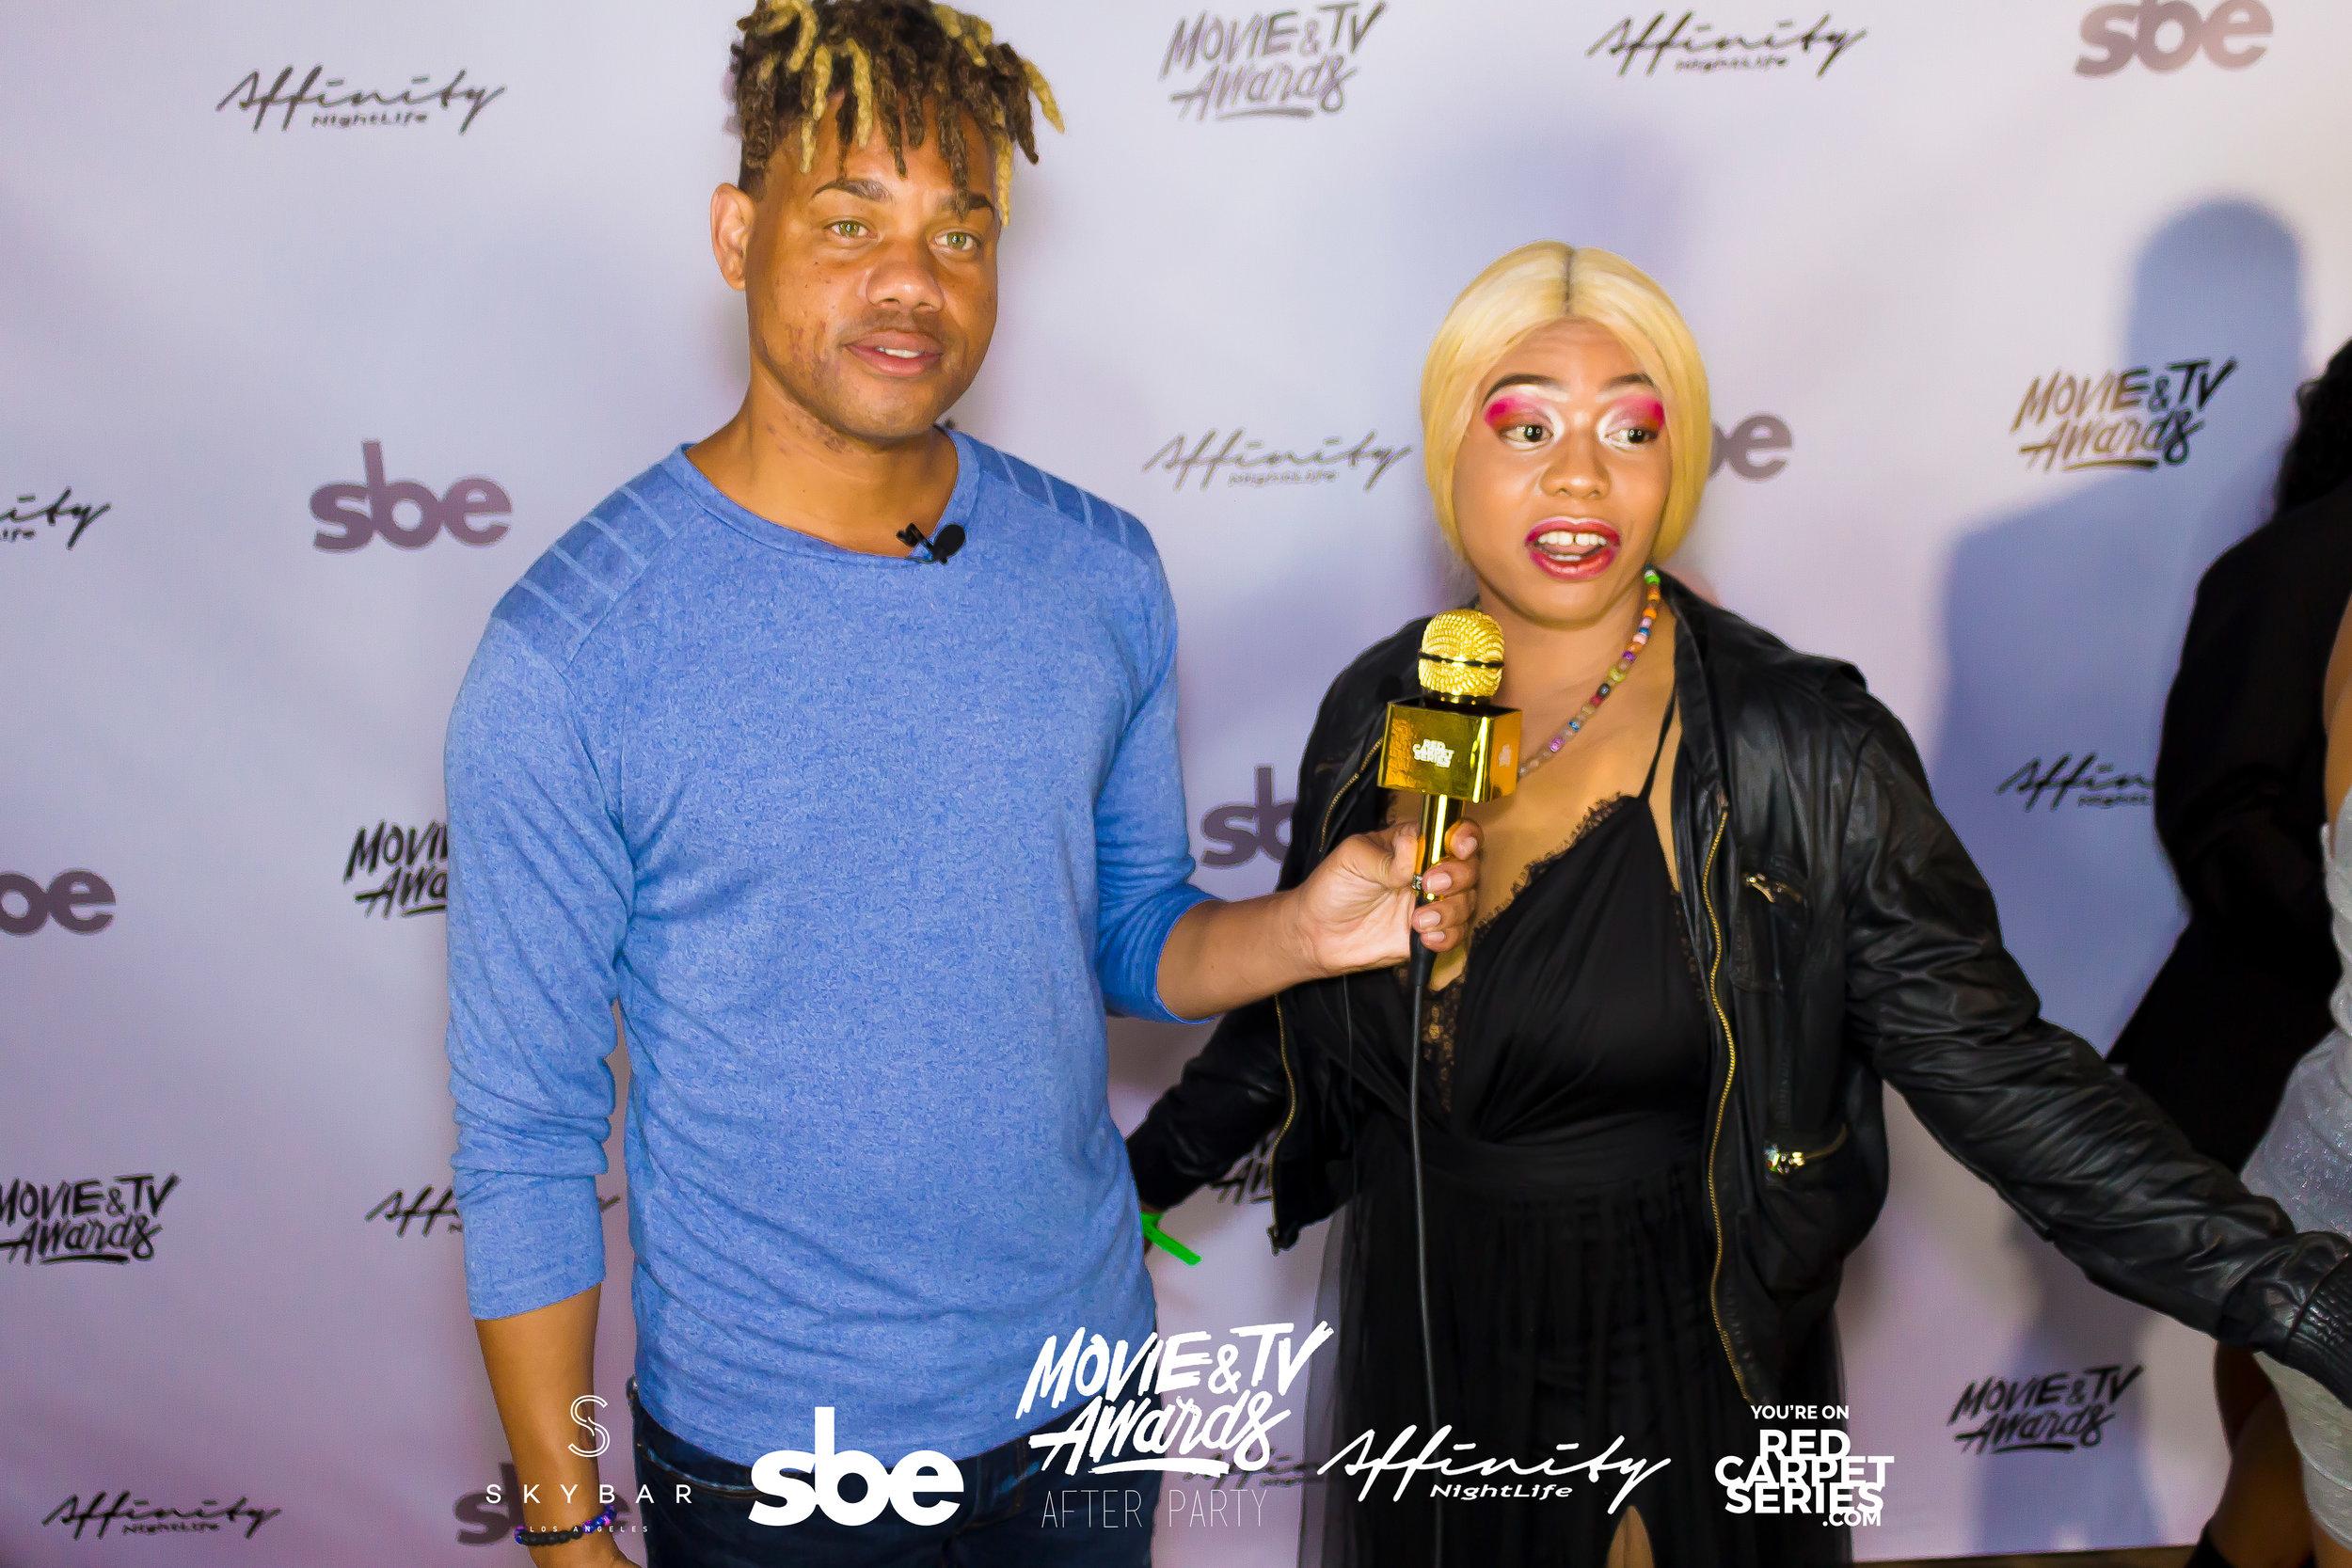 Affinity Nightlife MTV Movie & TV Awards After Party - Skybar at Mondrian - 06-15-19 - Vol. 1_74.jpg